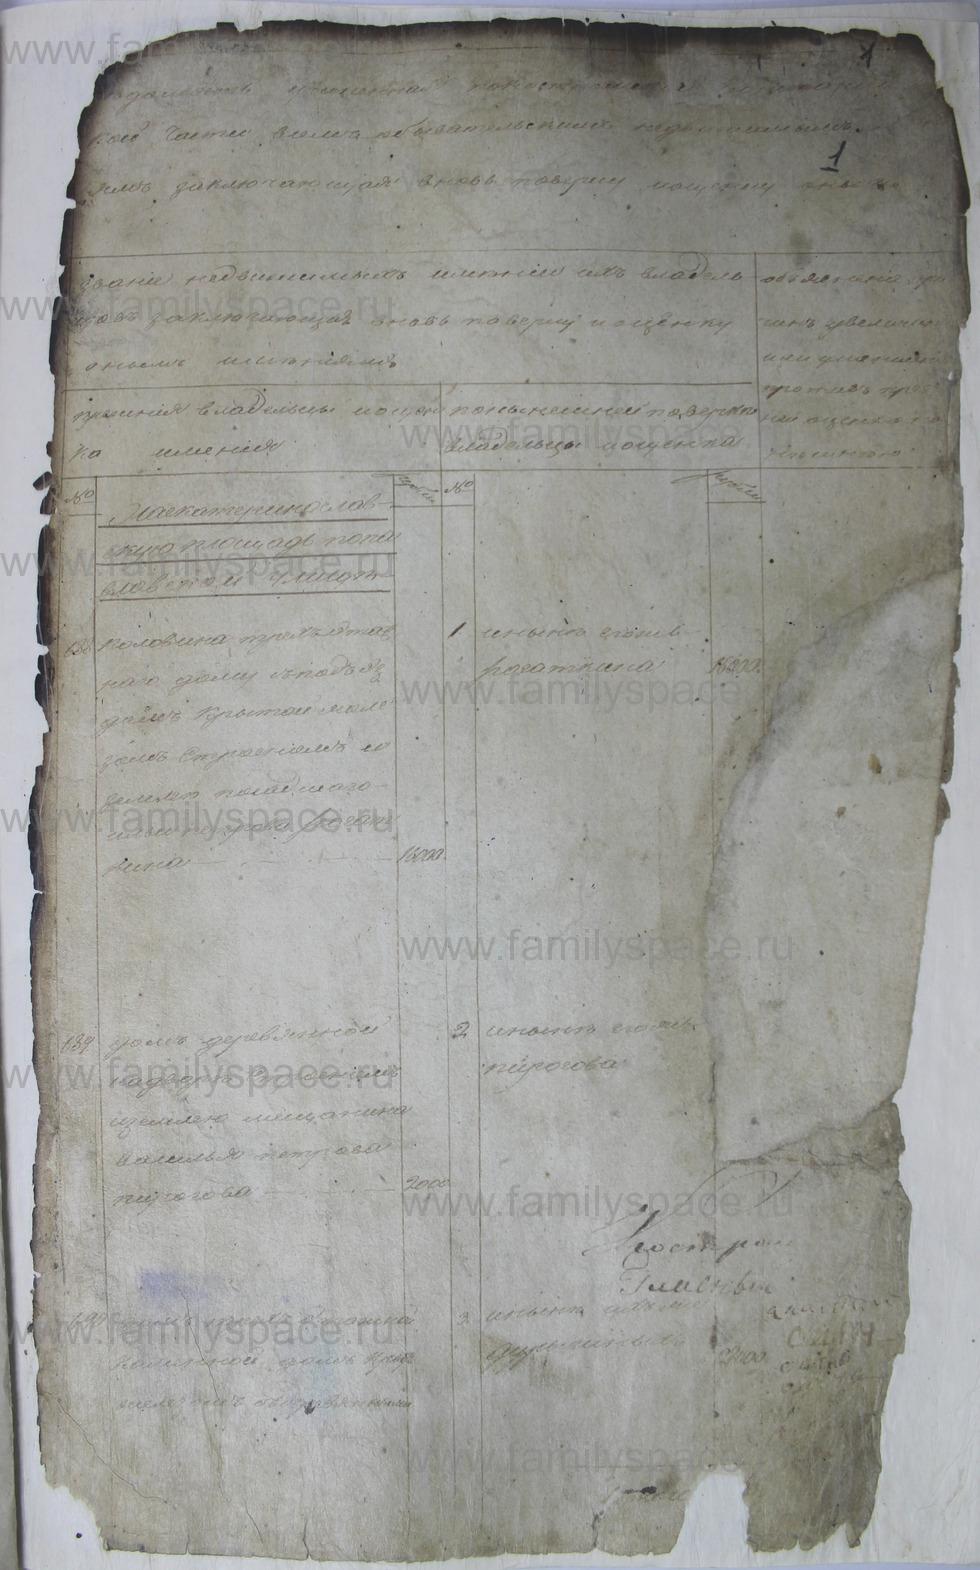 Поиск по фамилии - Ведомости оценки недвижимых имуществ г. Кострома 1828г, страница 1